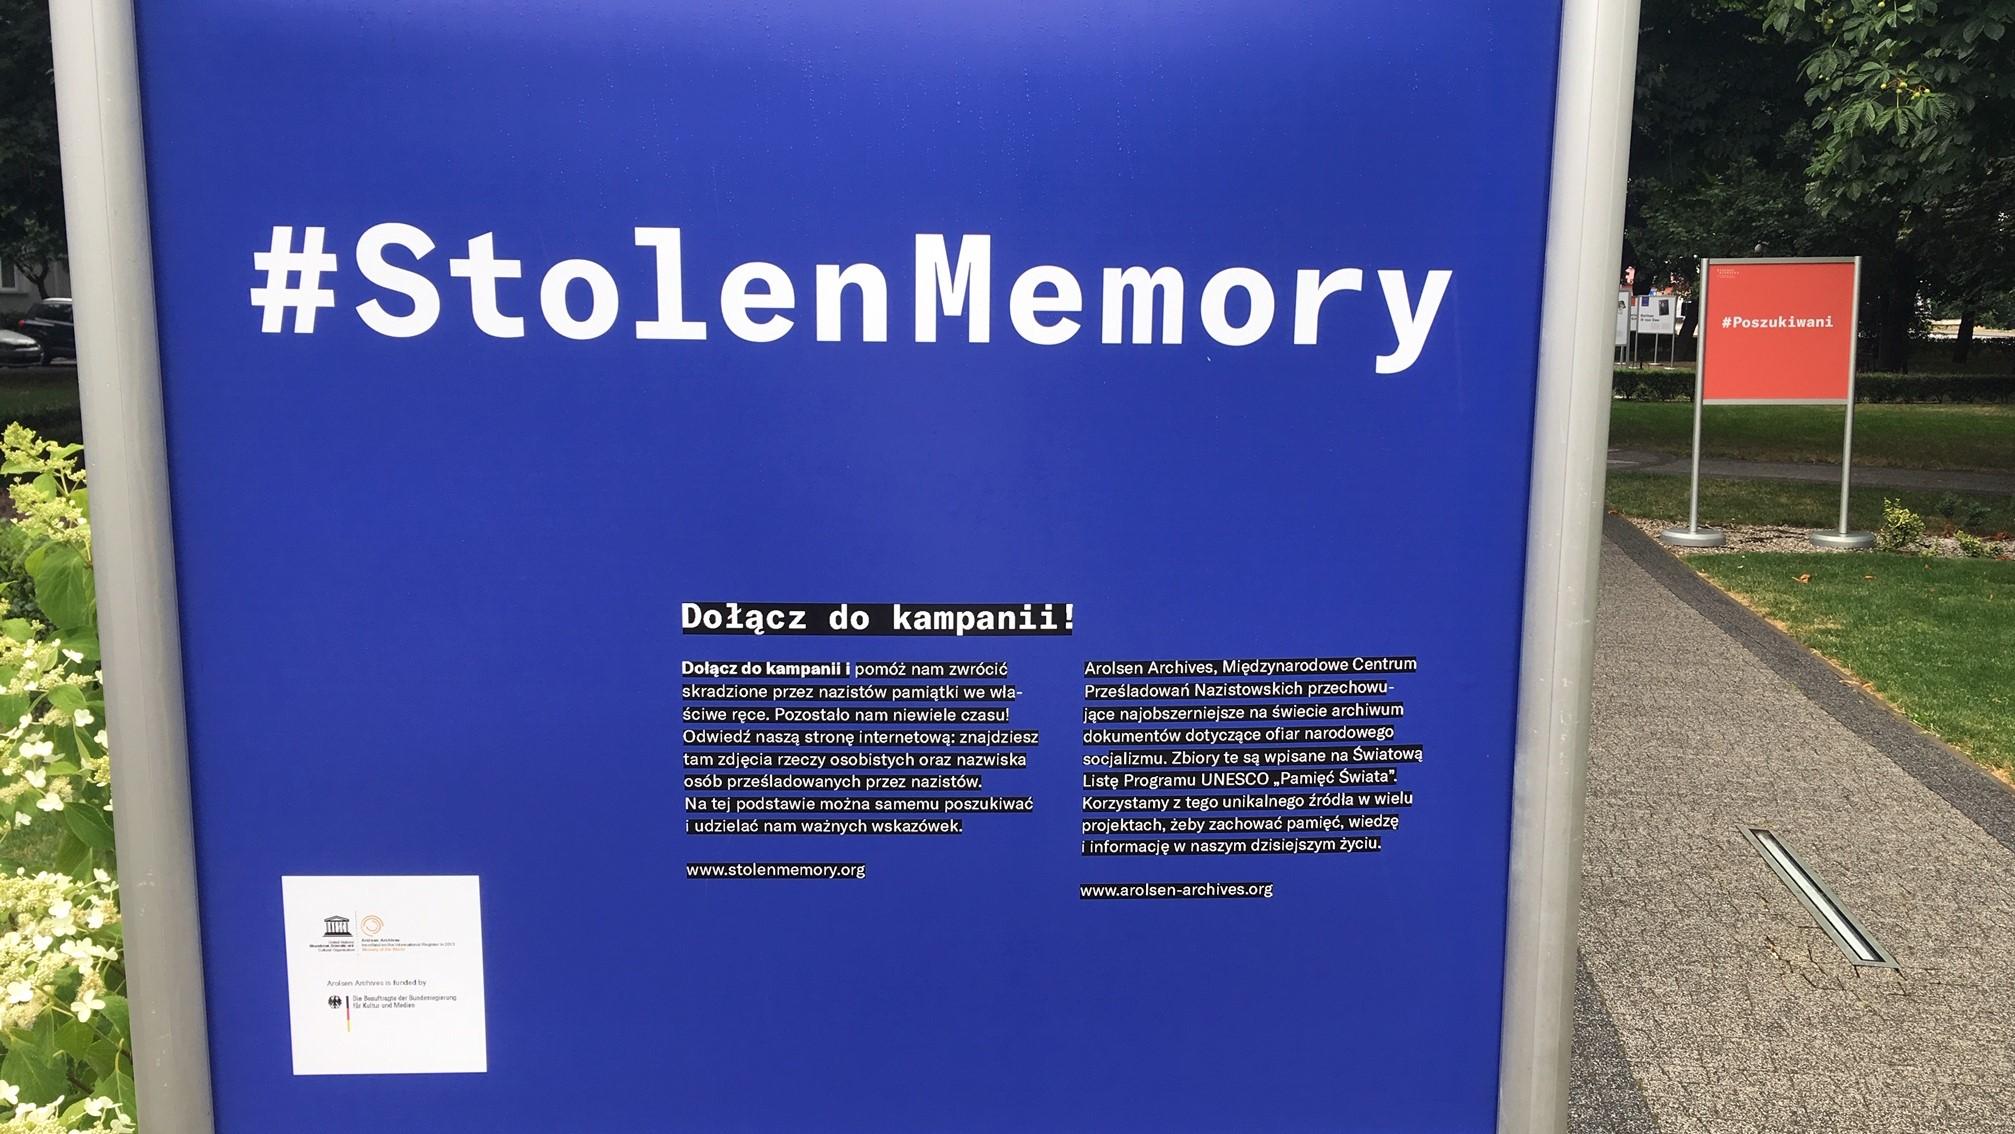 skradziona pamięć stolen memory gostyń wystawa pamiątki obozy koncentracyjne - Jacek Marciniak